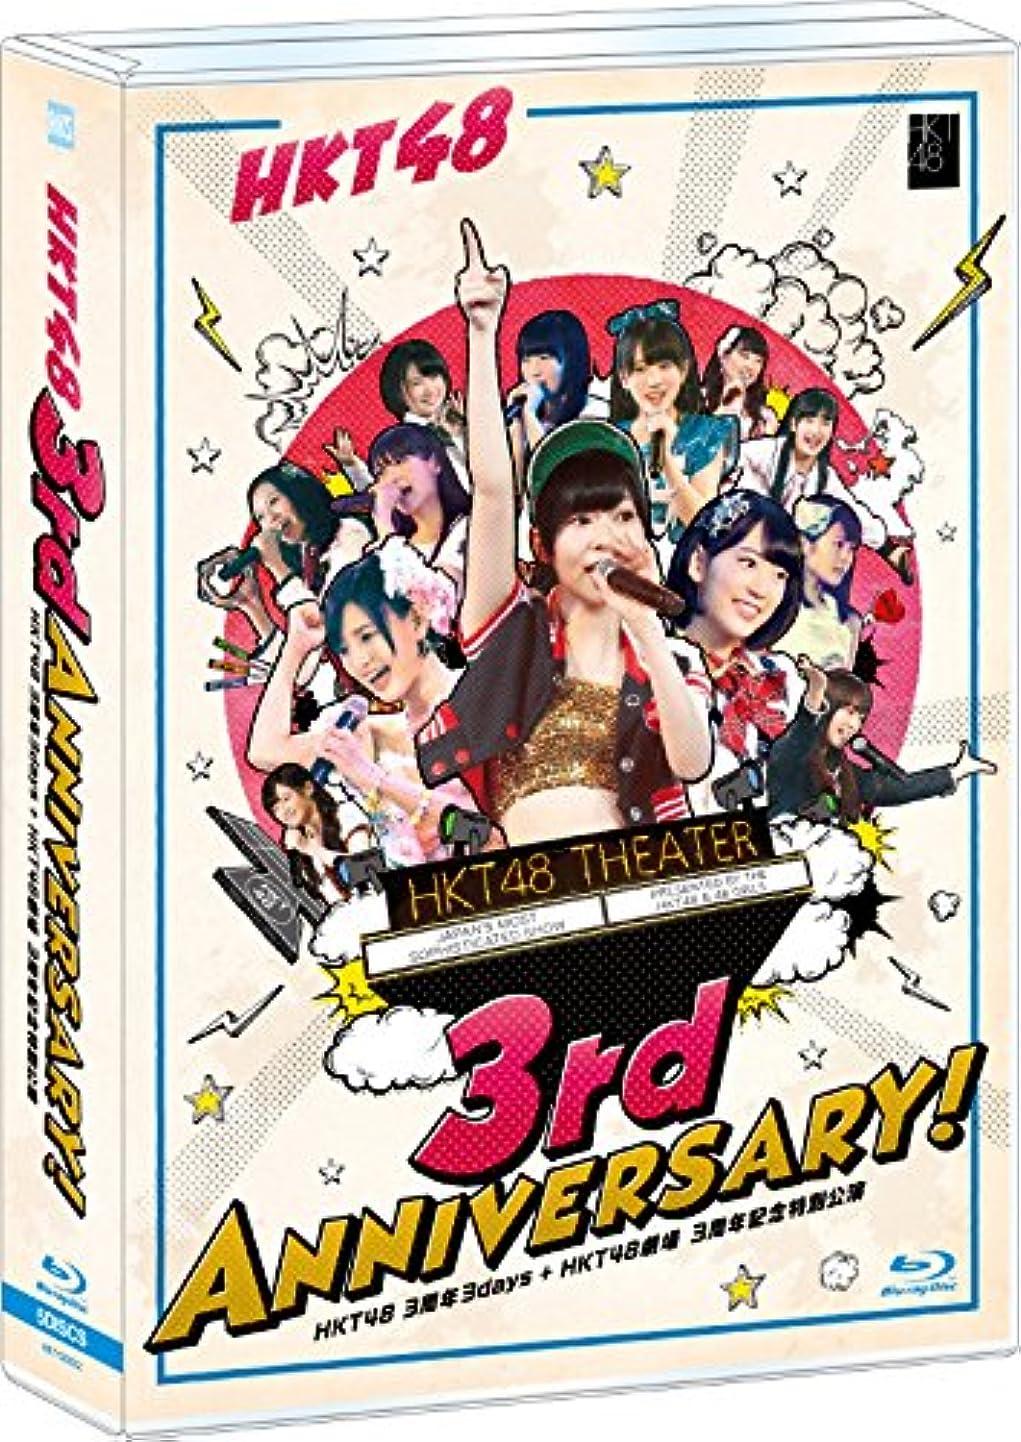 酔う確かにパターンHKT48 3周年3days+HKT48劇場 3周年記念特別公演